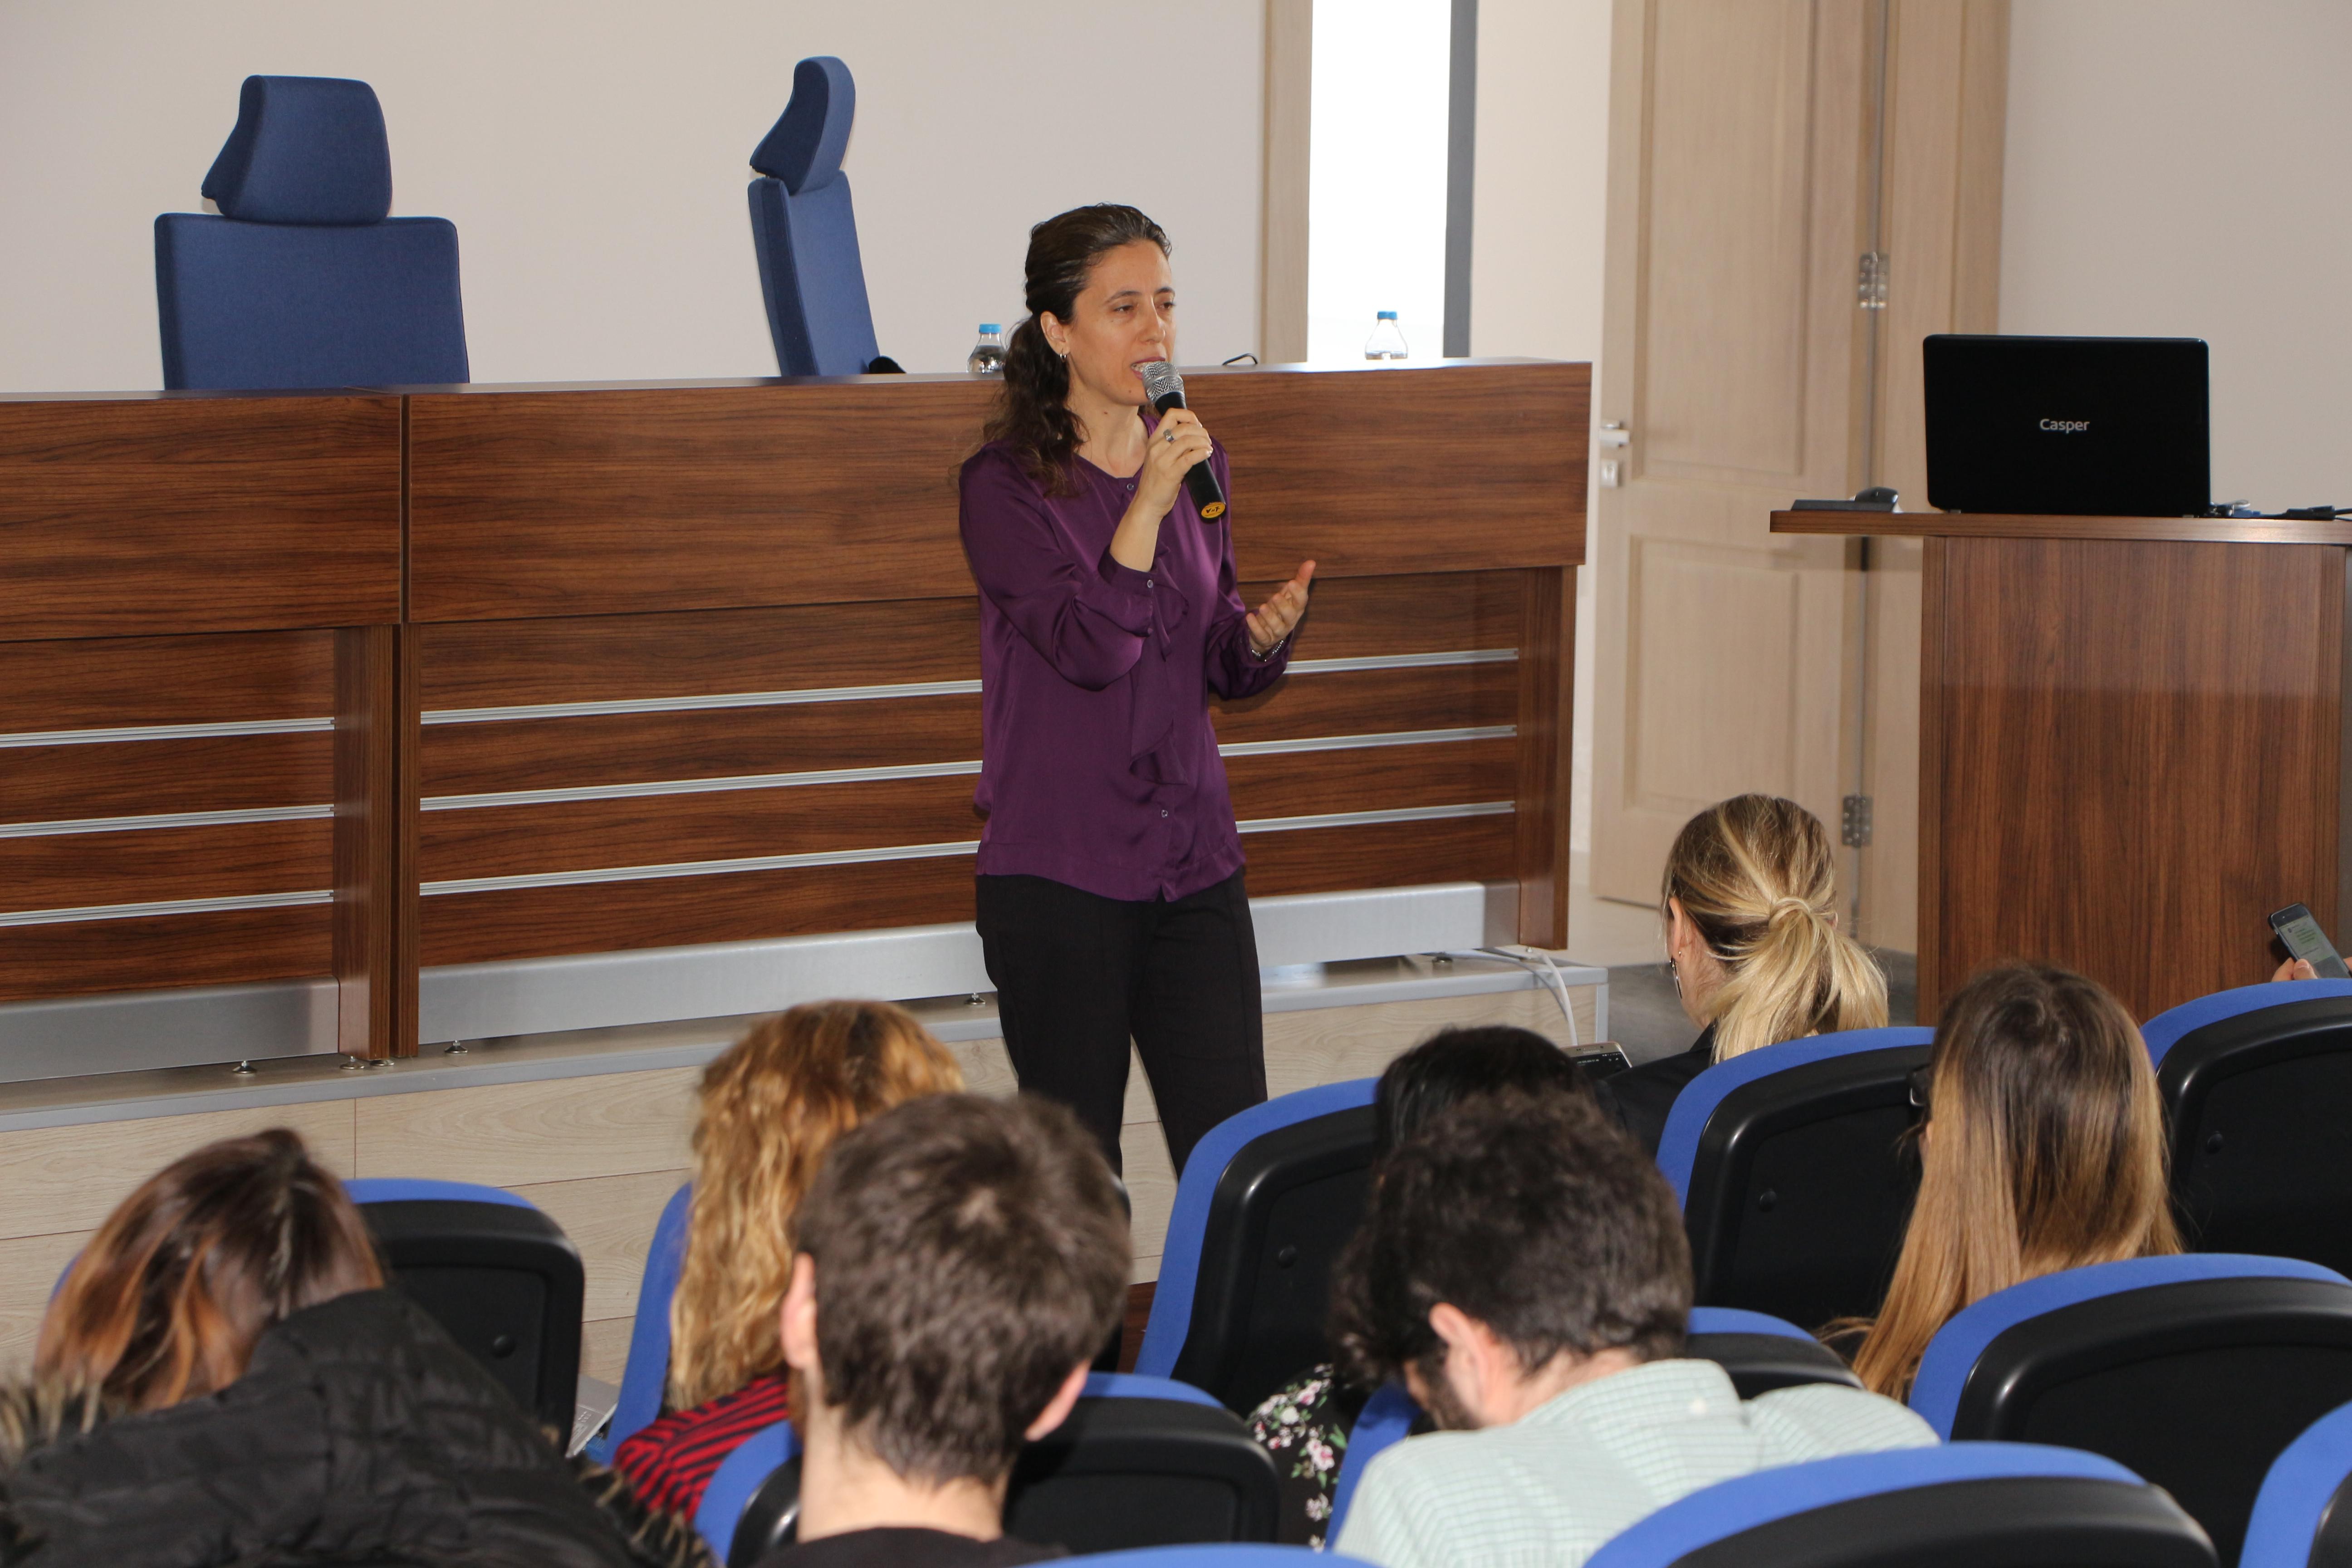 Personelimize Kanser Erken Tanı ve Tarama konulu seminer düzenlenmiştir.